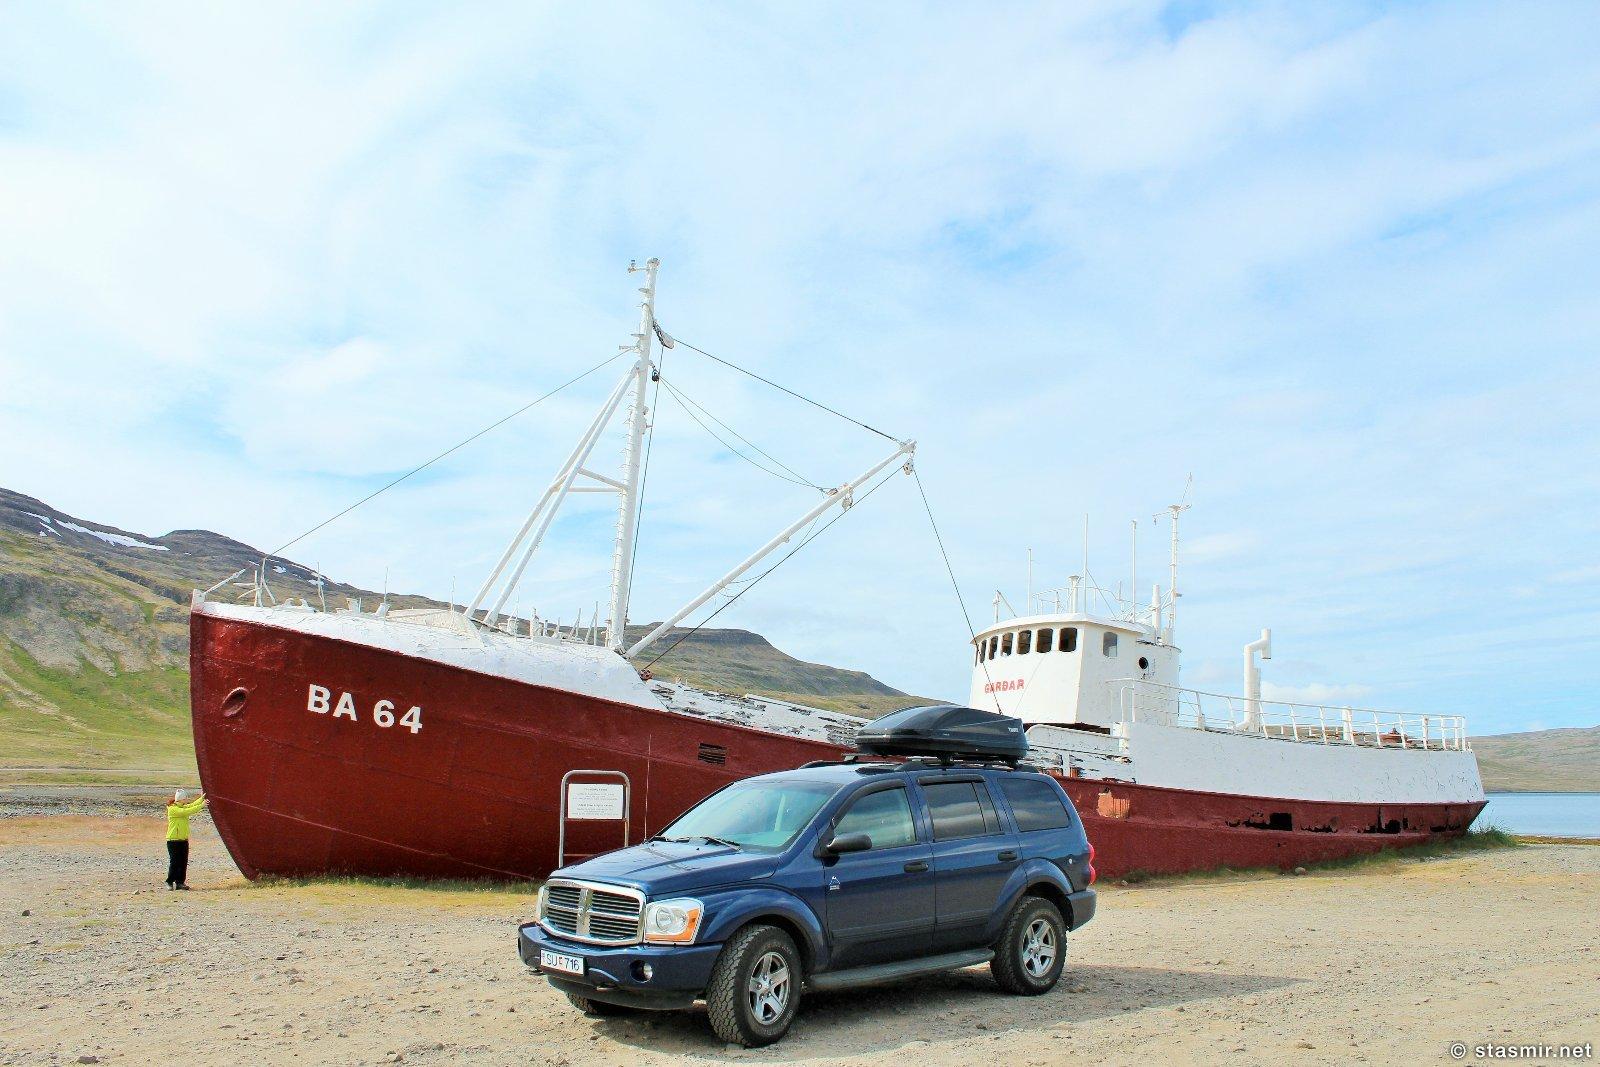 Dodge Durango SU-716 встретился с еще большей развалиной: кораблем Garðar BA64, построенным в Норвегии в 1912 году. Сел на мель в 1981 году, фото Стасмир, Photo Stasmir